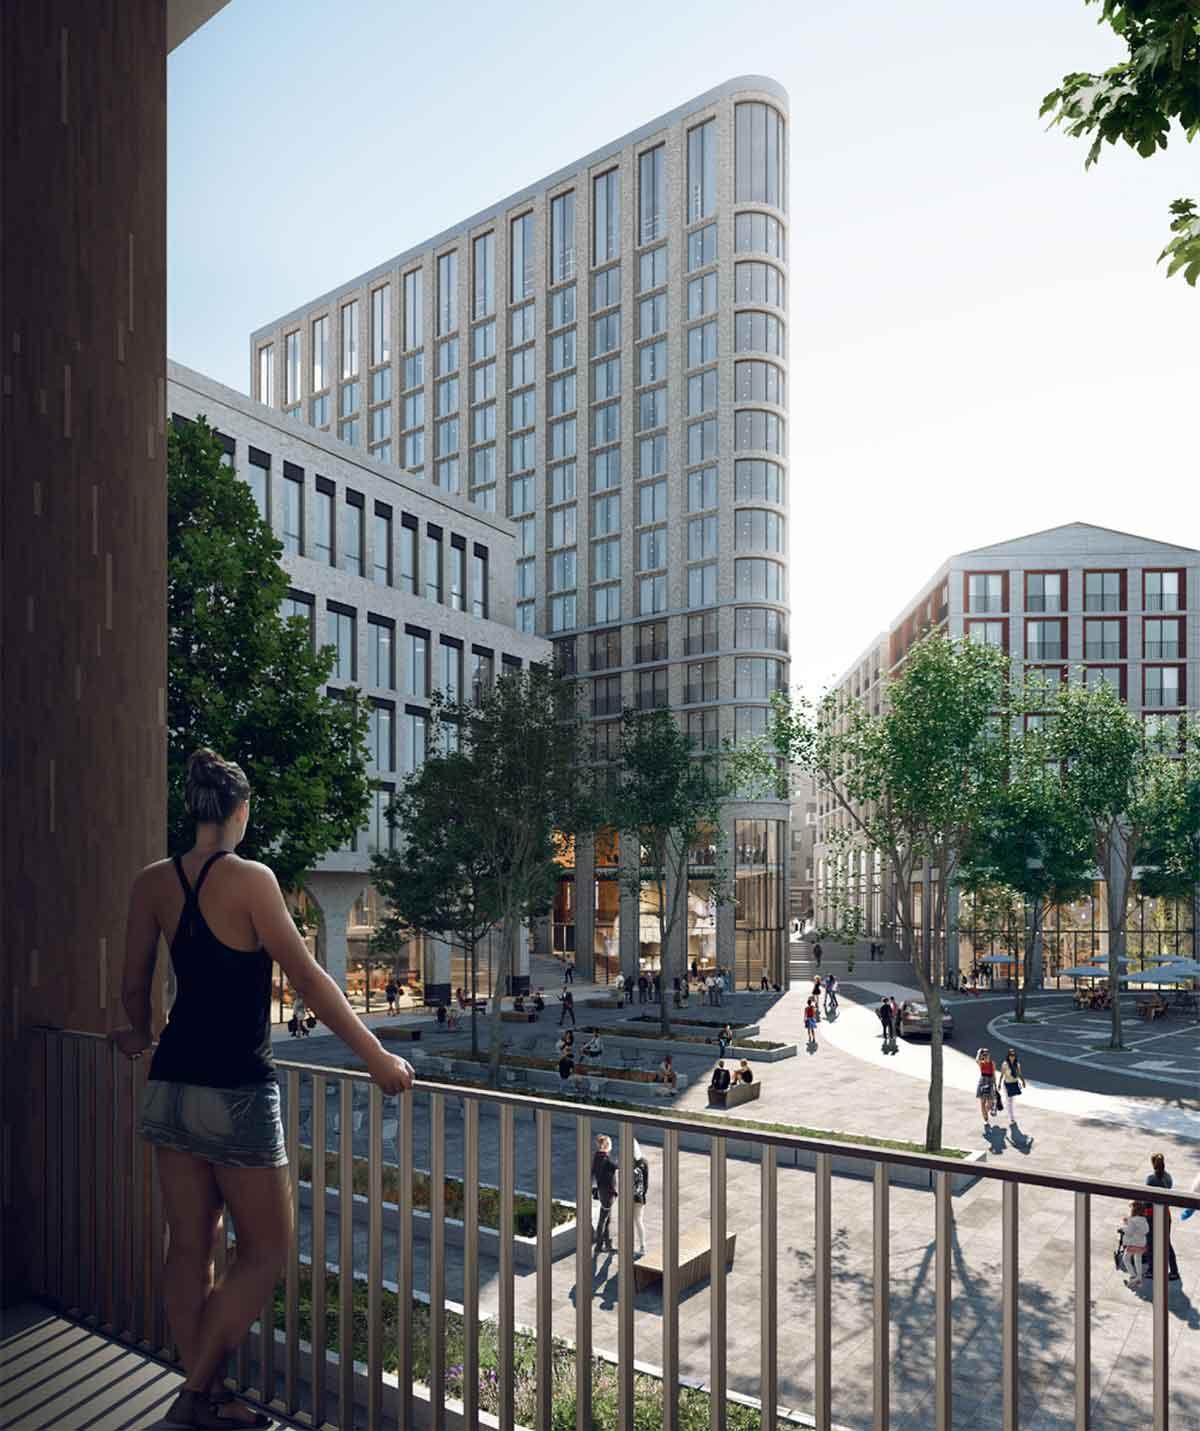 Marriott-Eerste-hotel-in-Leidsche-Rijn-opent-in-2020-haar-deuren2